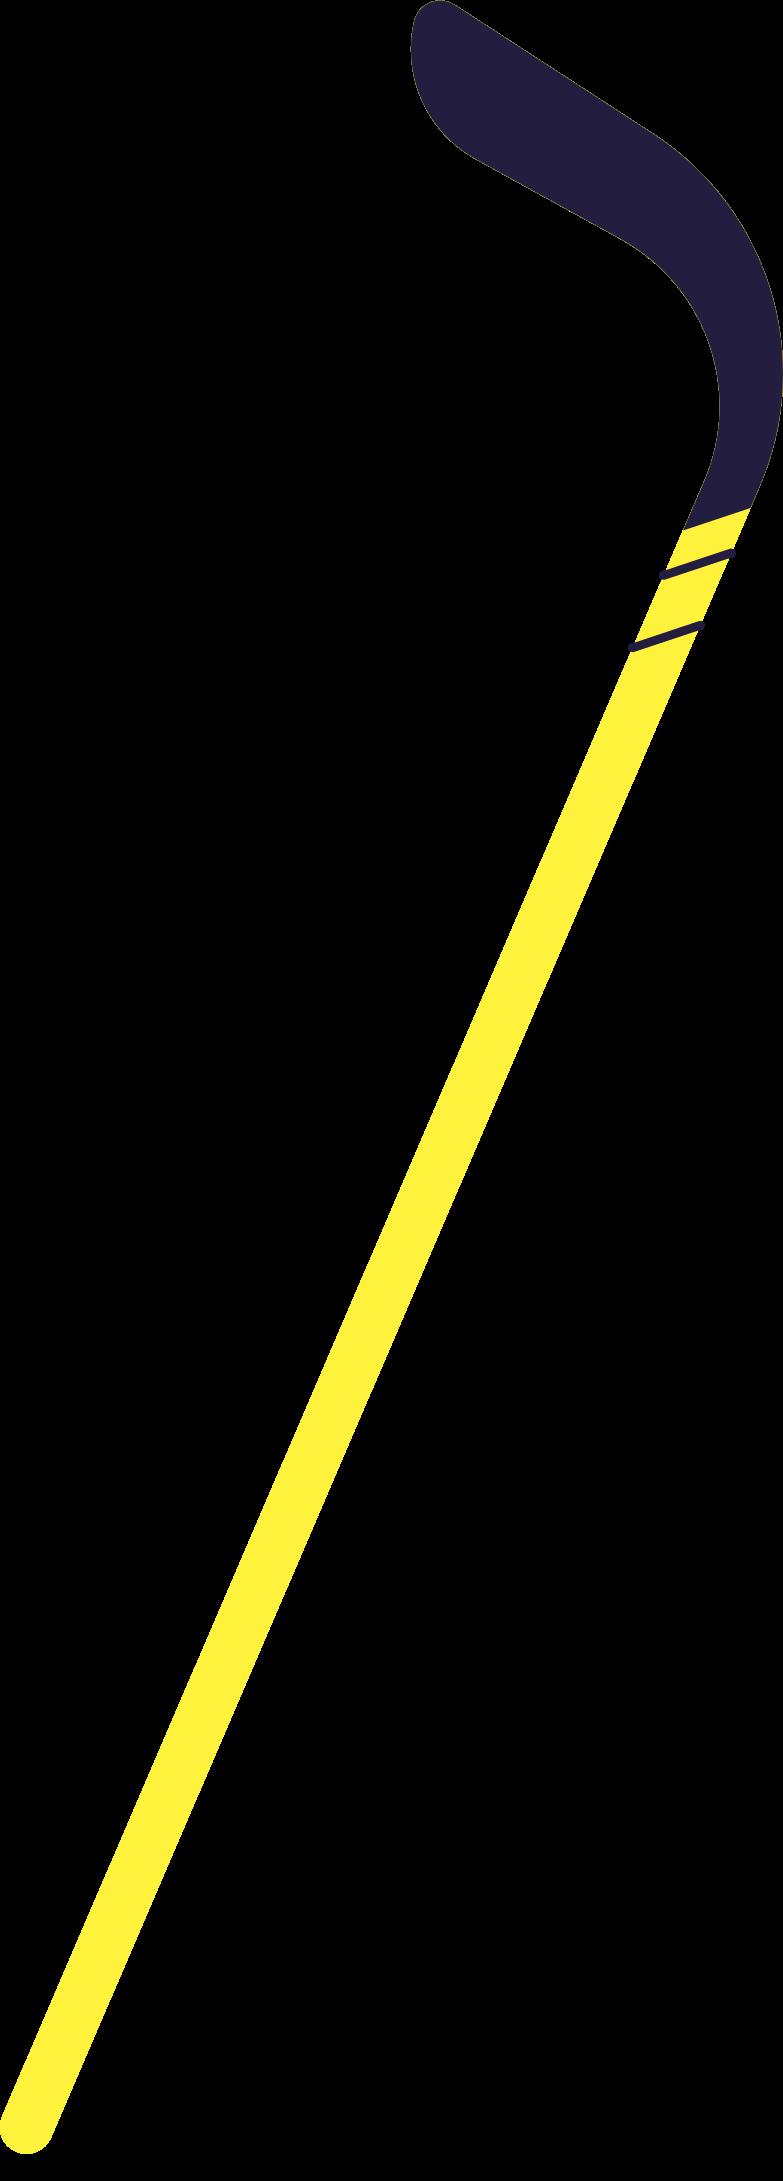 hockeyschläger Clipart-Grafik als PNG, SVG